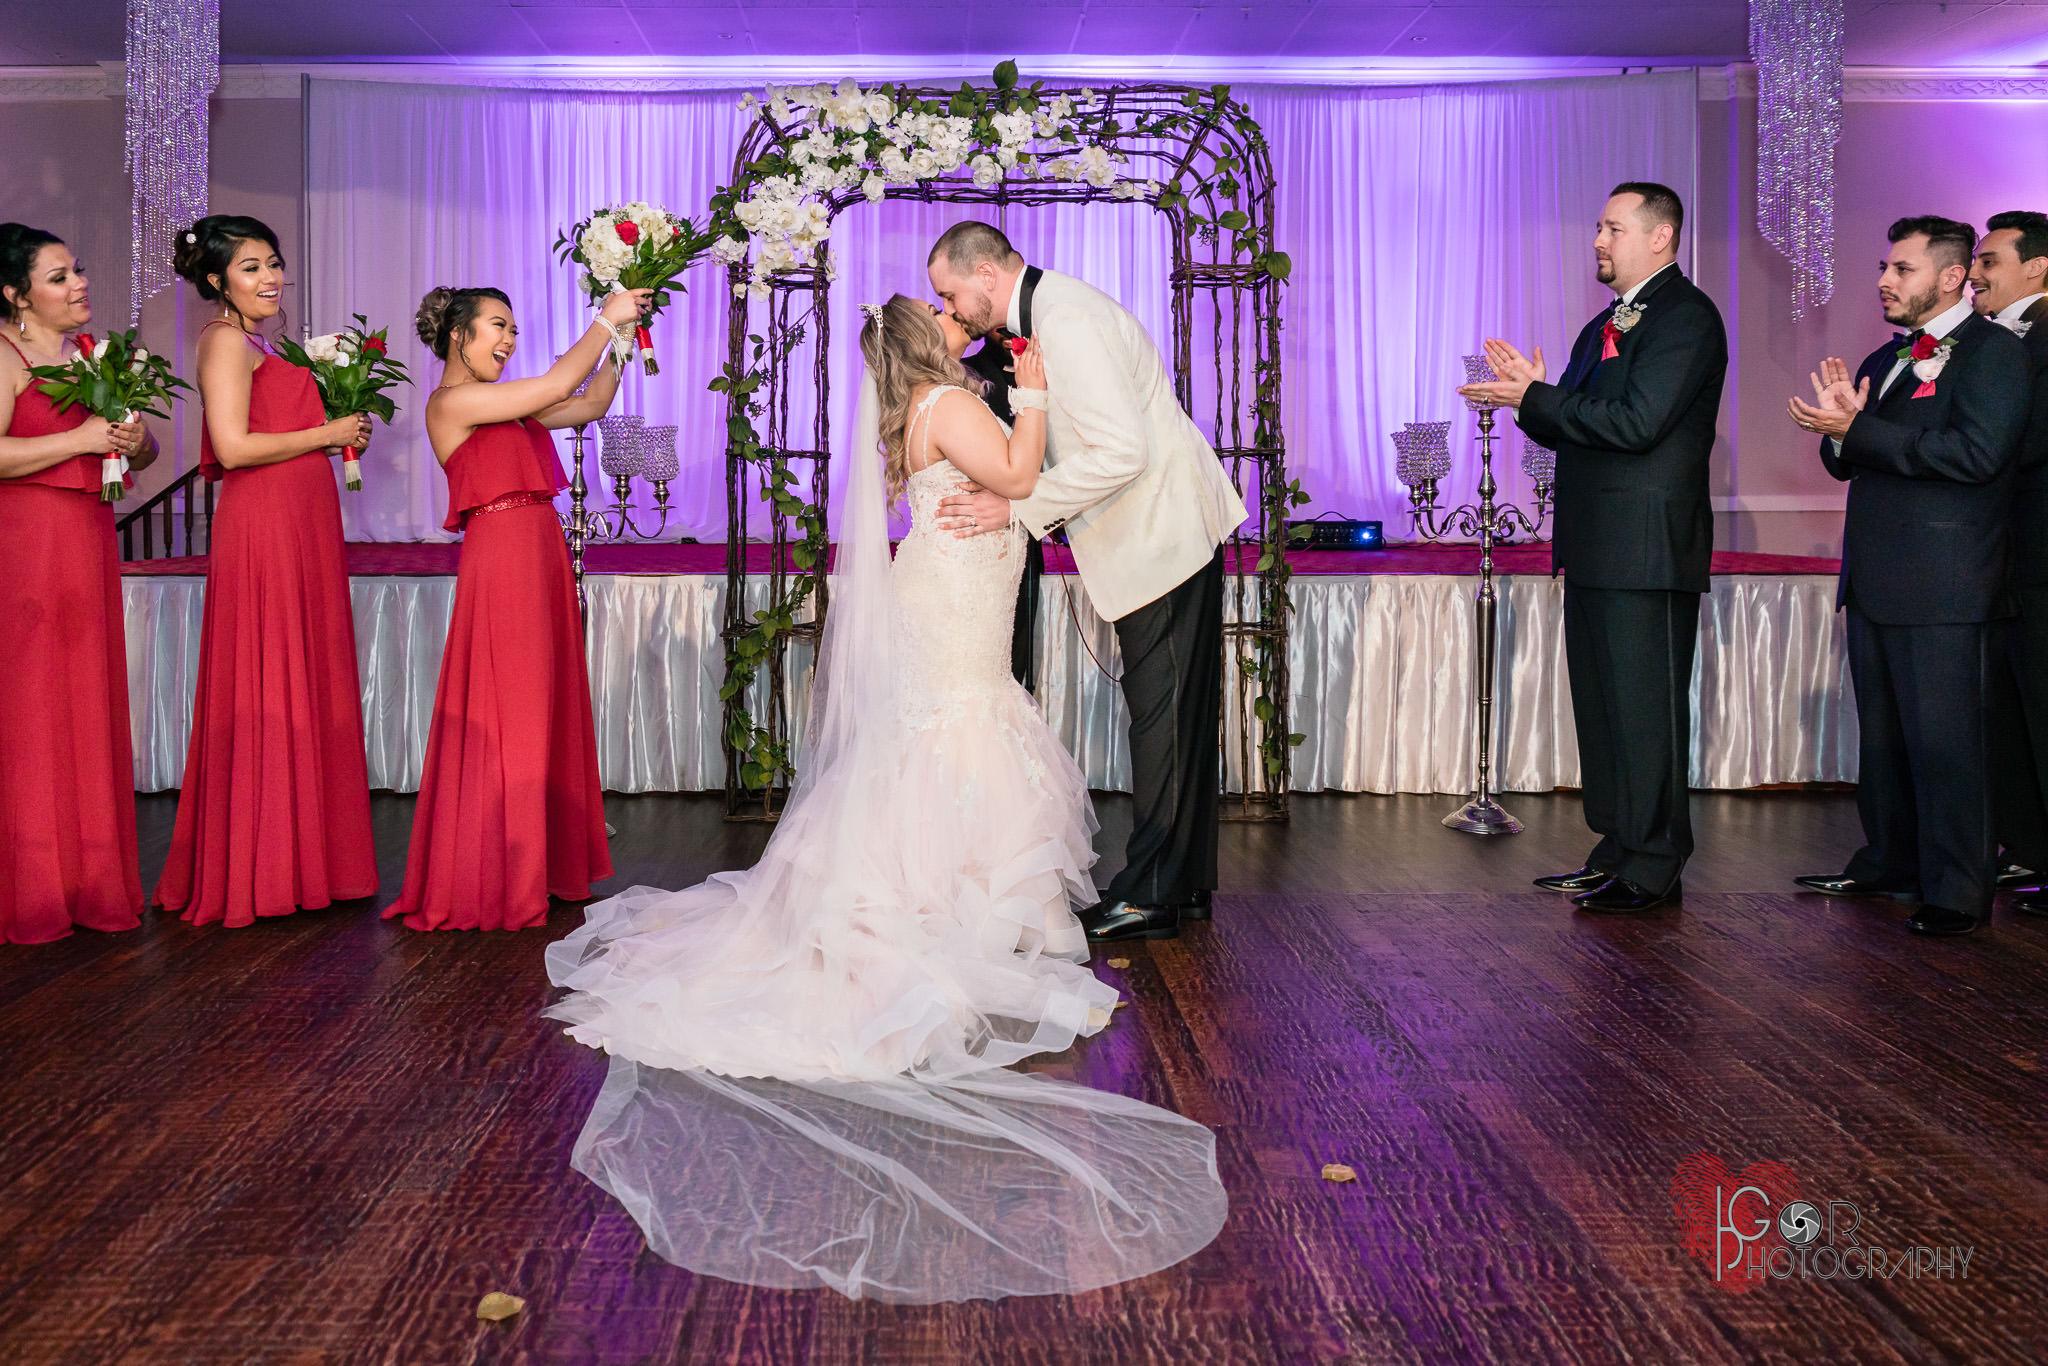 American wedding ceremony